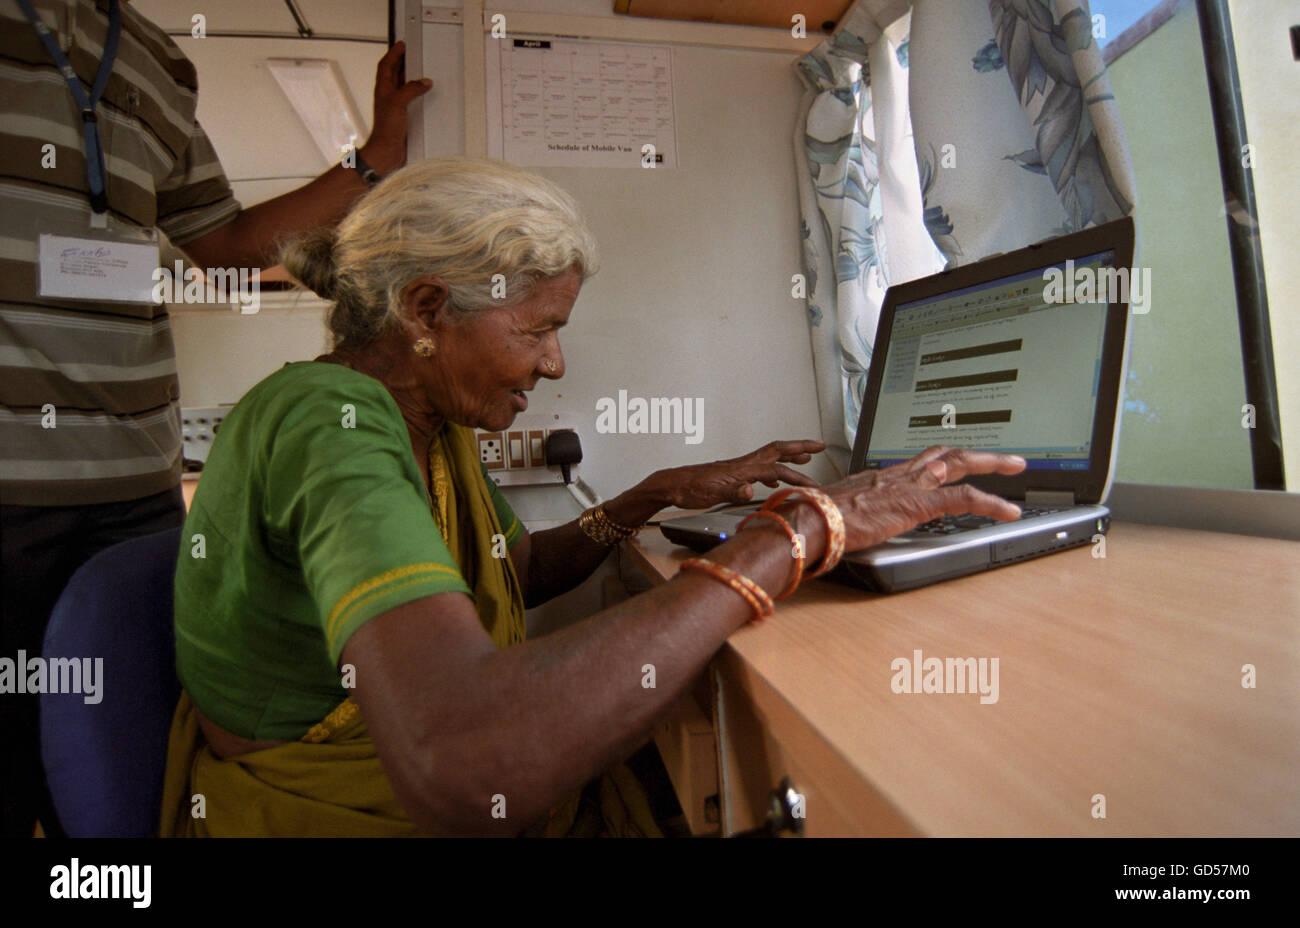 Unterrichten Computer für eine alte Frau Mann Stockfoto